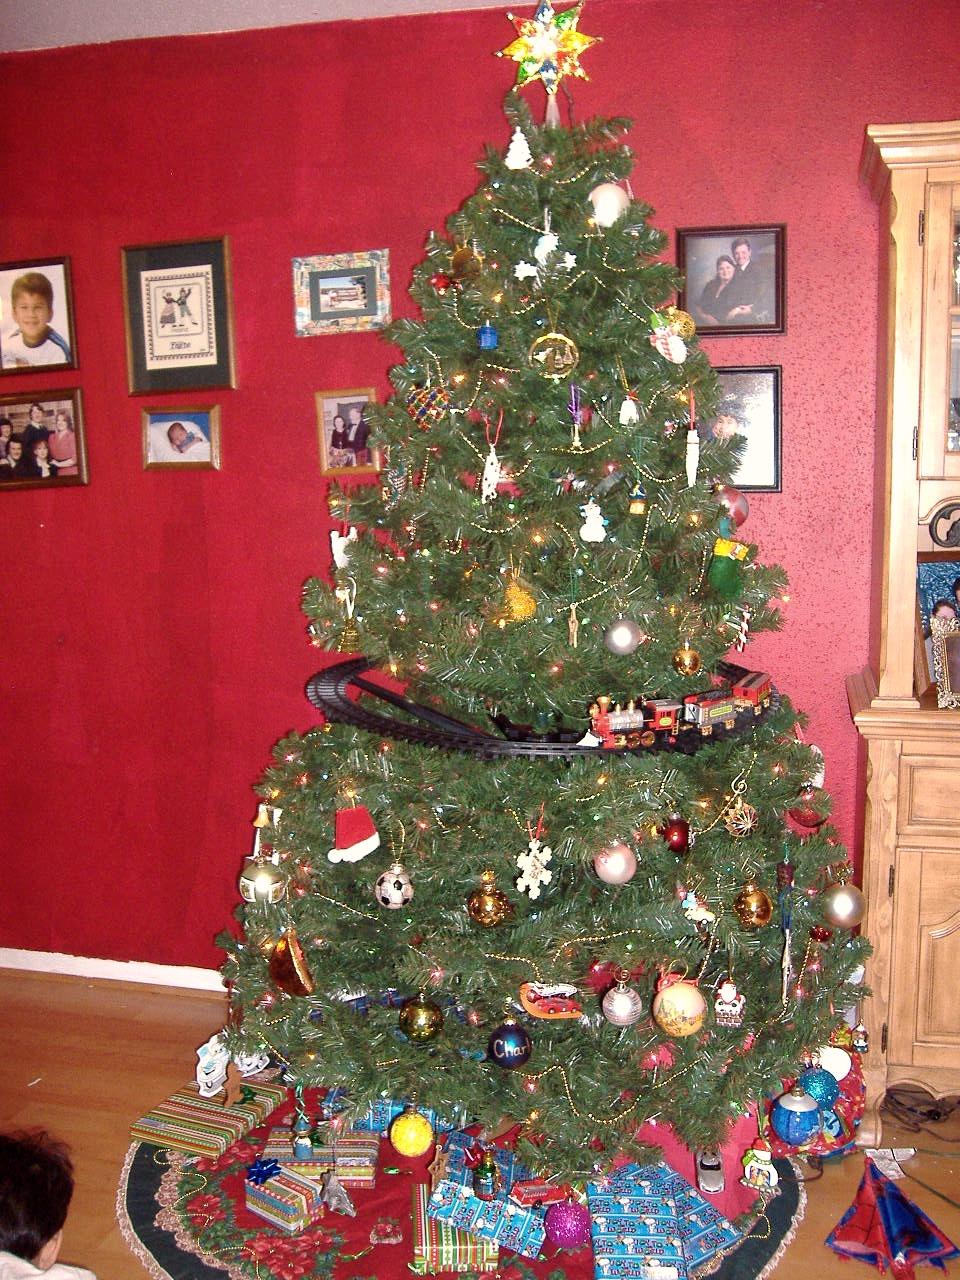 O Christmas Tree Part 3 Of My Christmas Home Tour